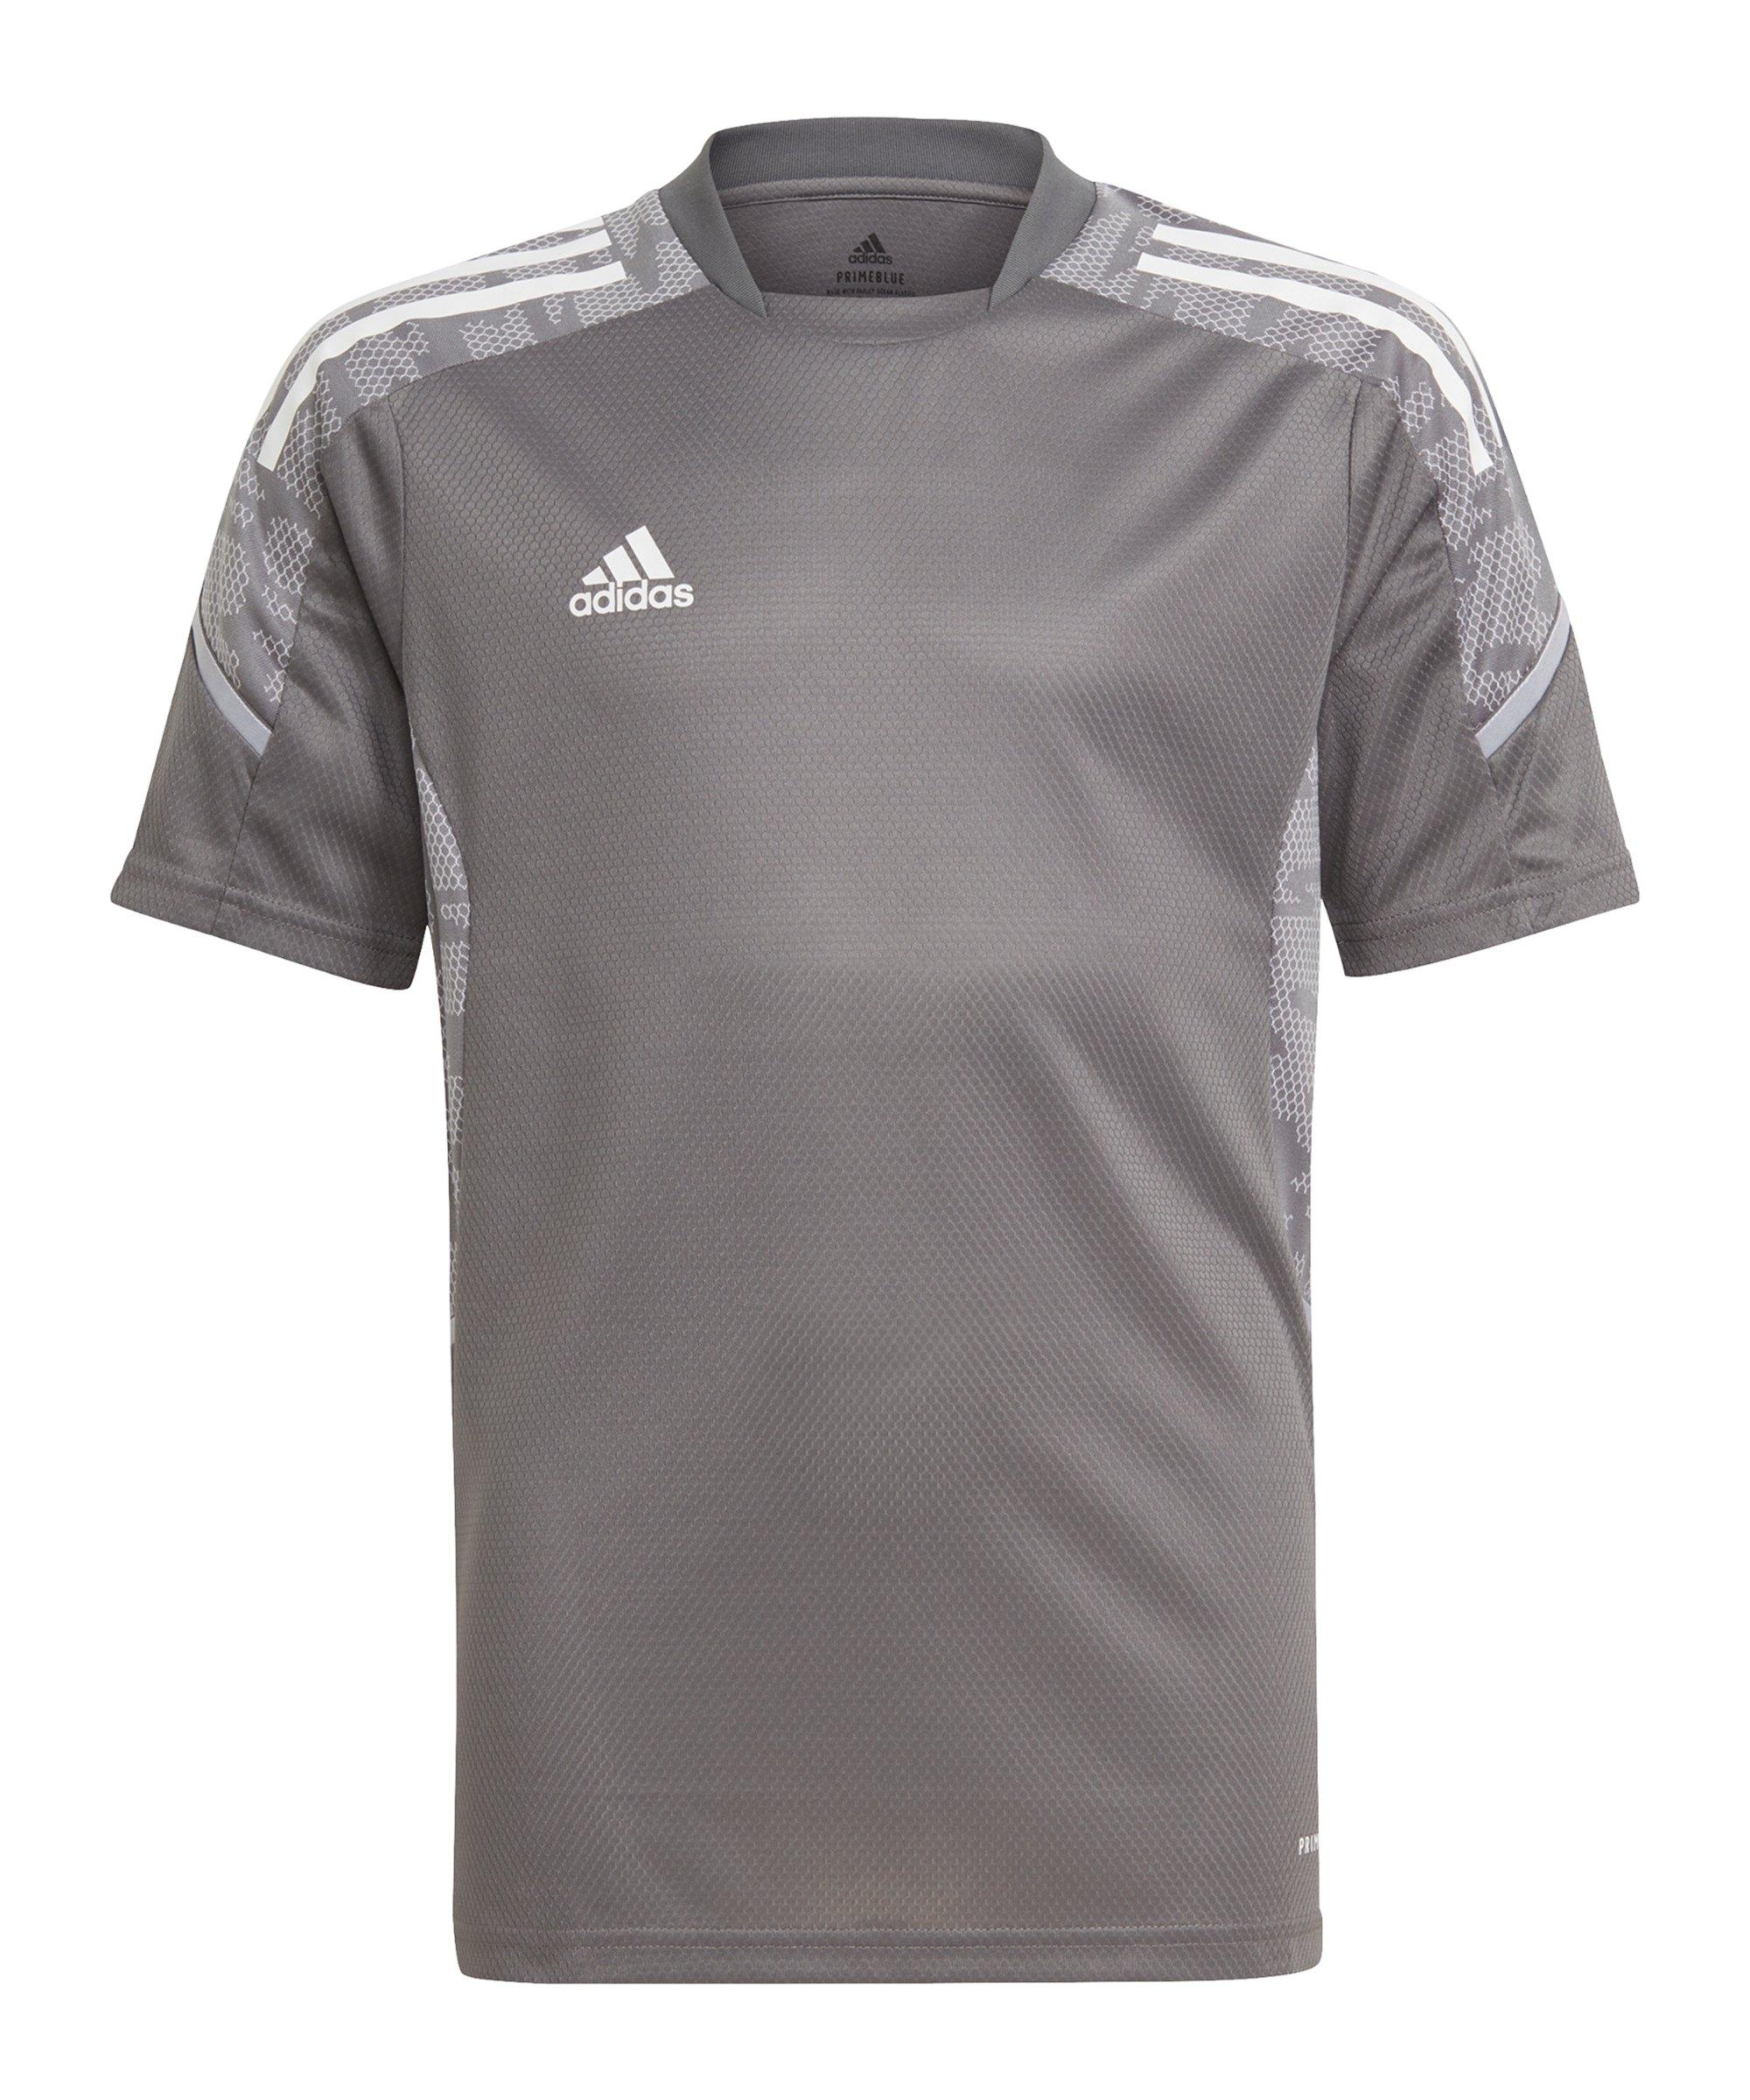 adidas Condivo 21 Trainingsshirt Kids Grau - grau